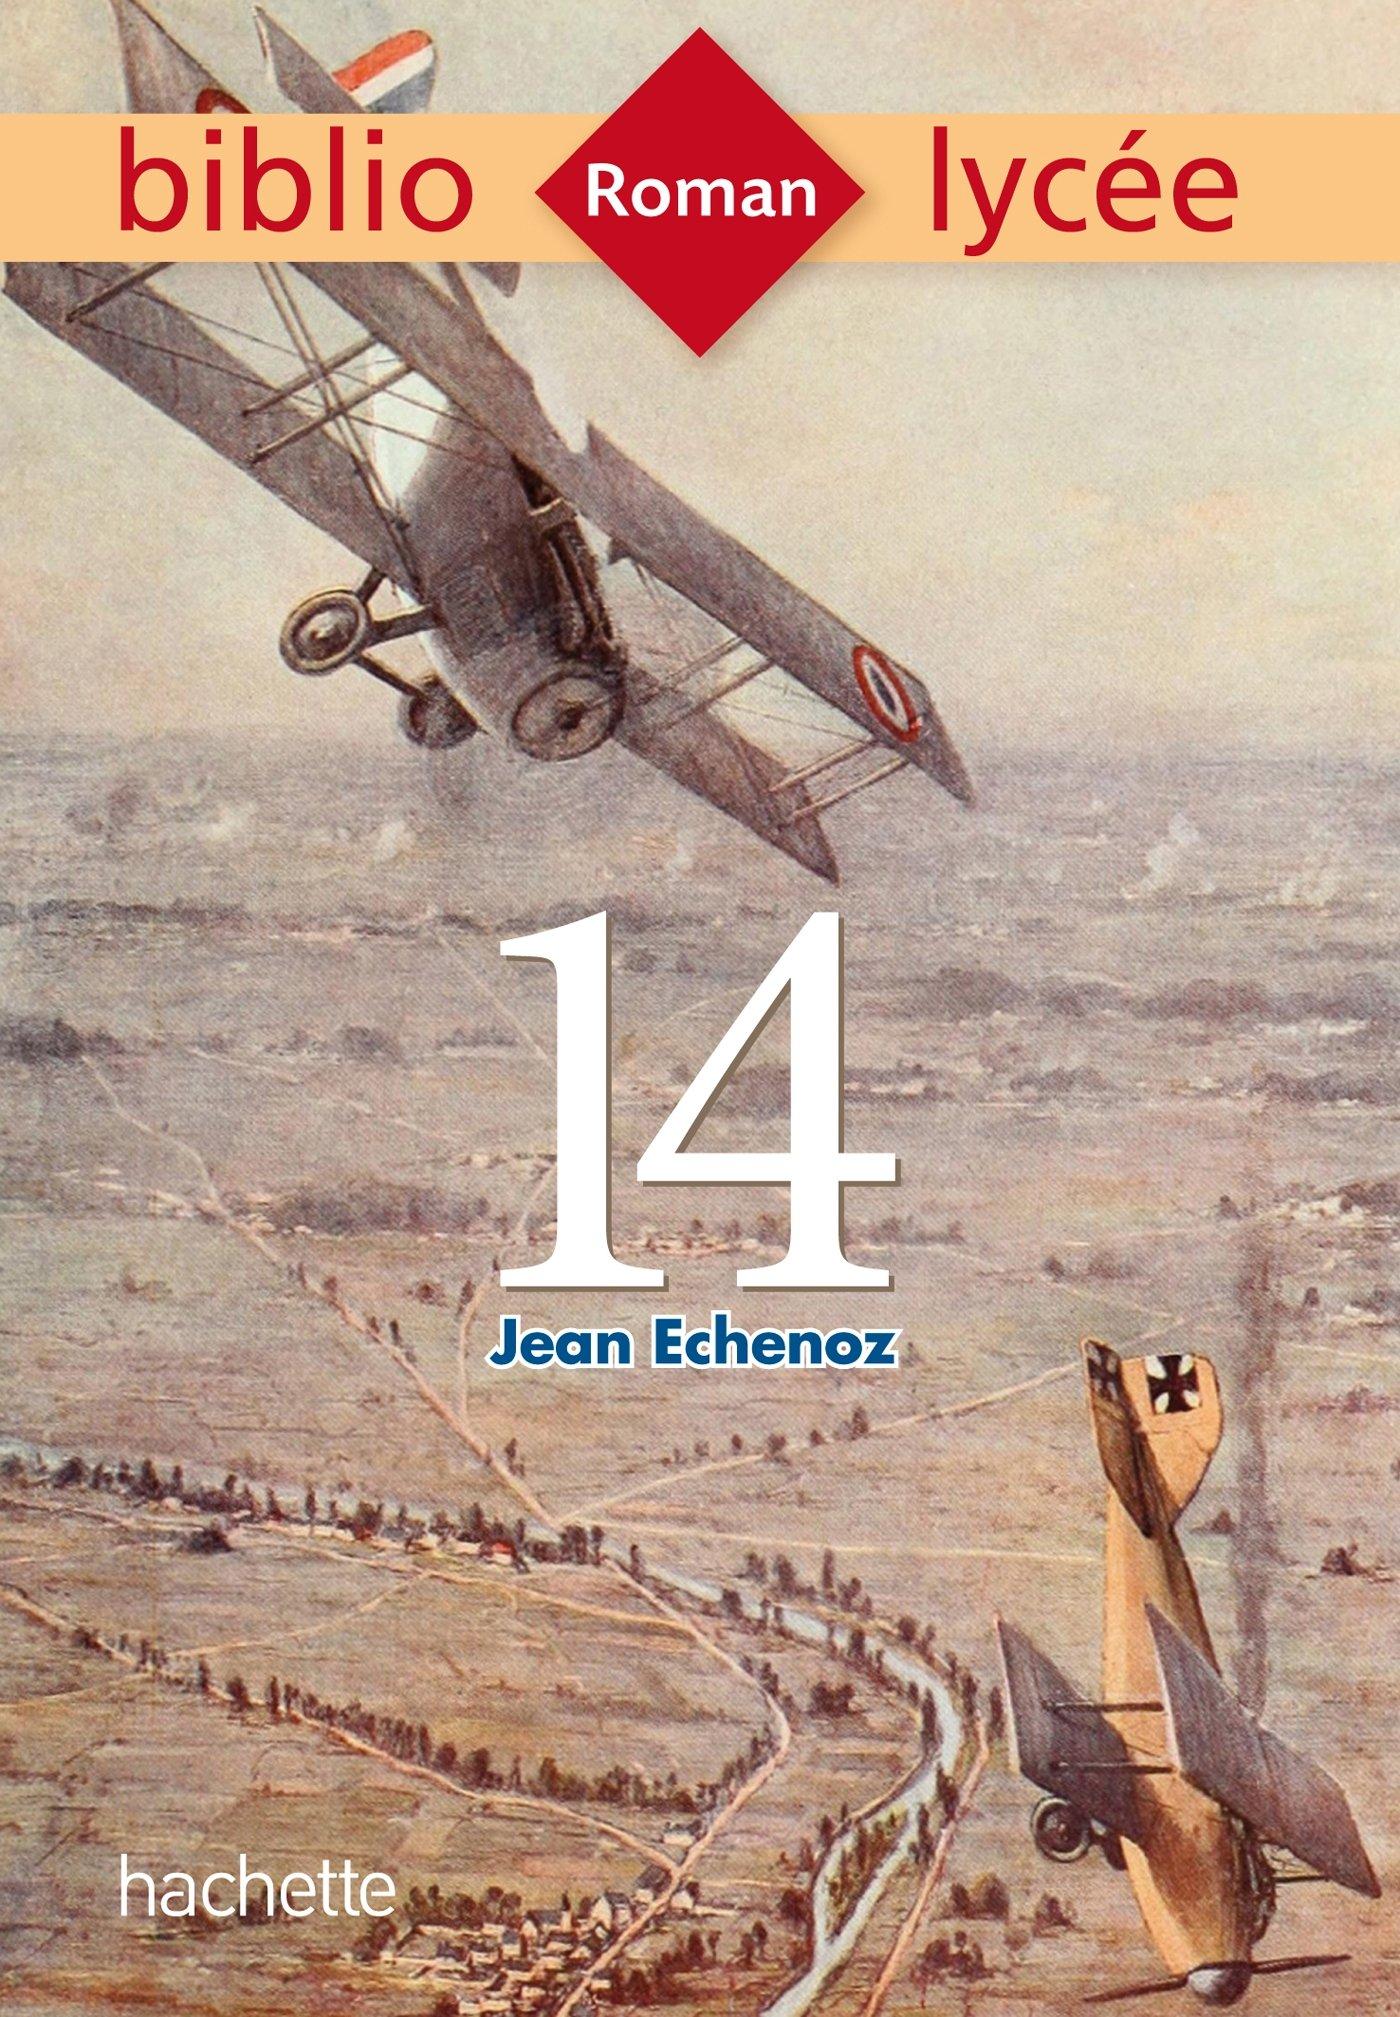 1STI - Recherche textes littéraires - 1ère guerre mondiale 91XxZb5HlPL